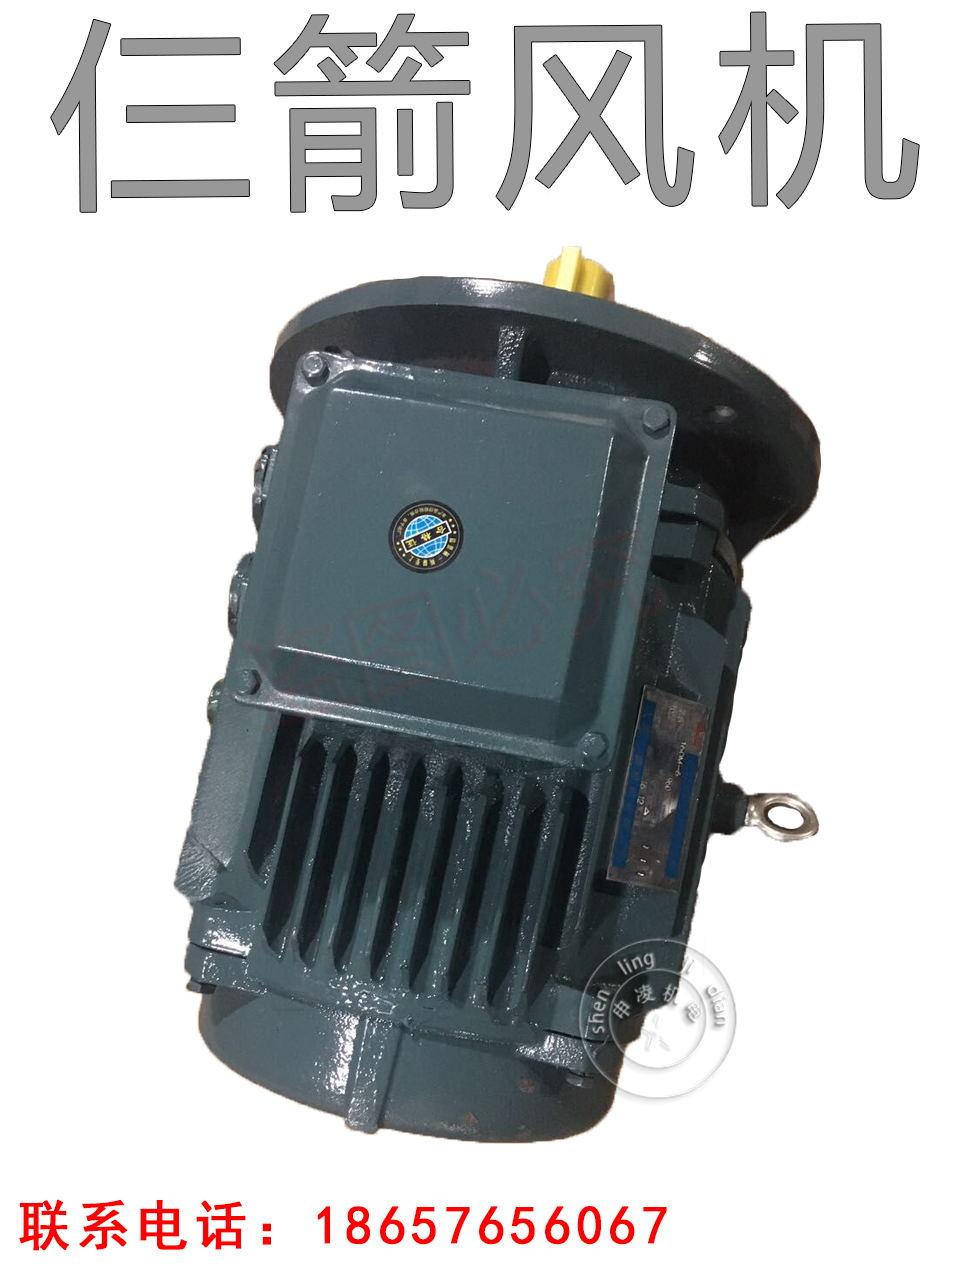 冷却塔电机三相异步电机立式防水铜芯电机7.5kw-6p冷却水塔电机